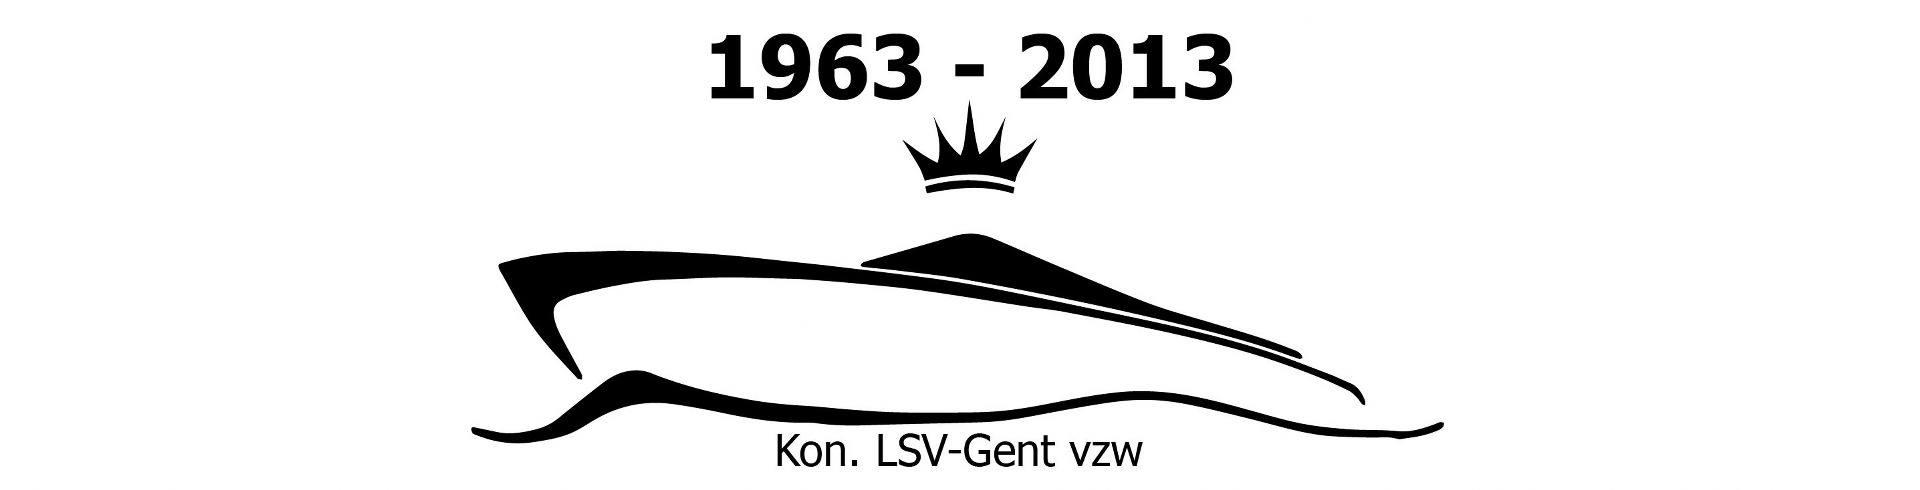 Logo Kon. LSV-Gent vzw